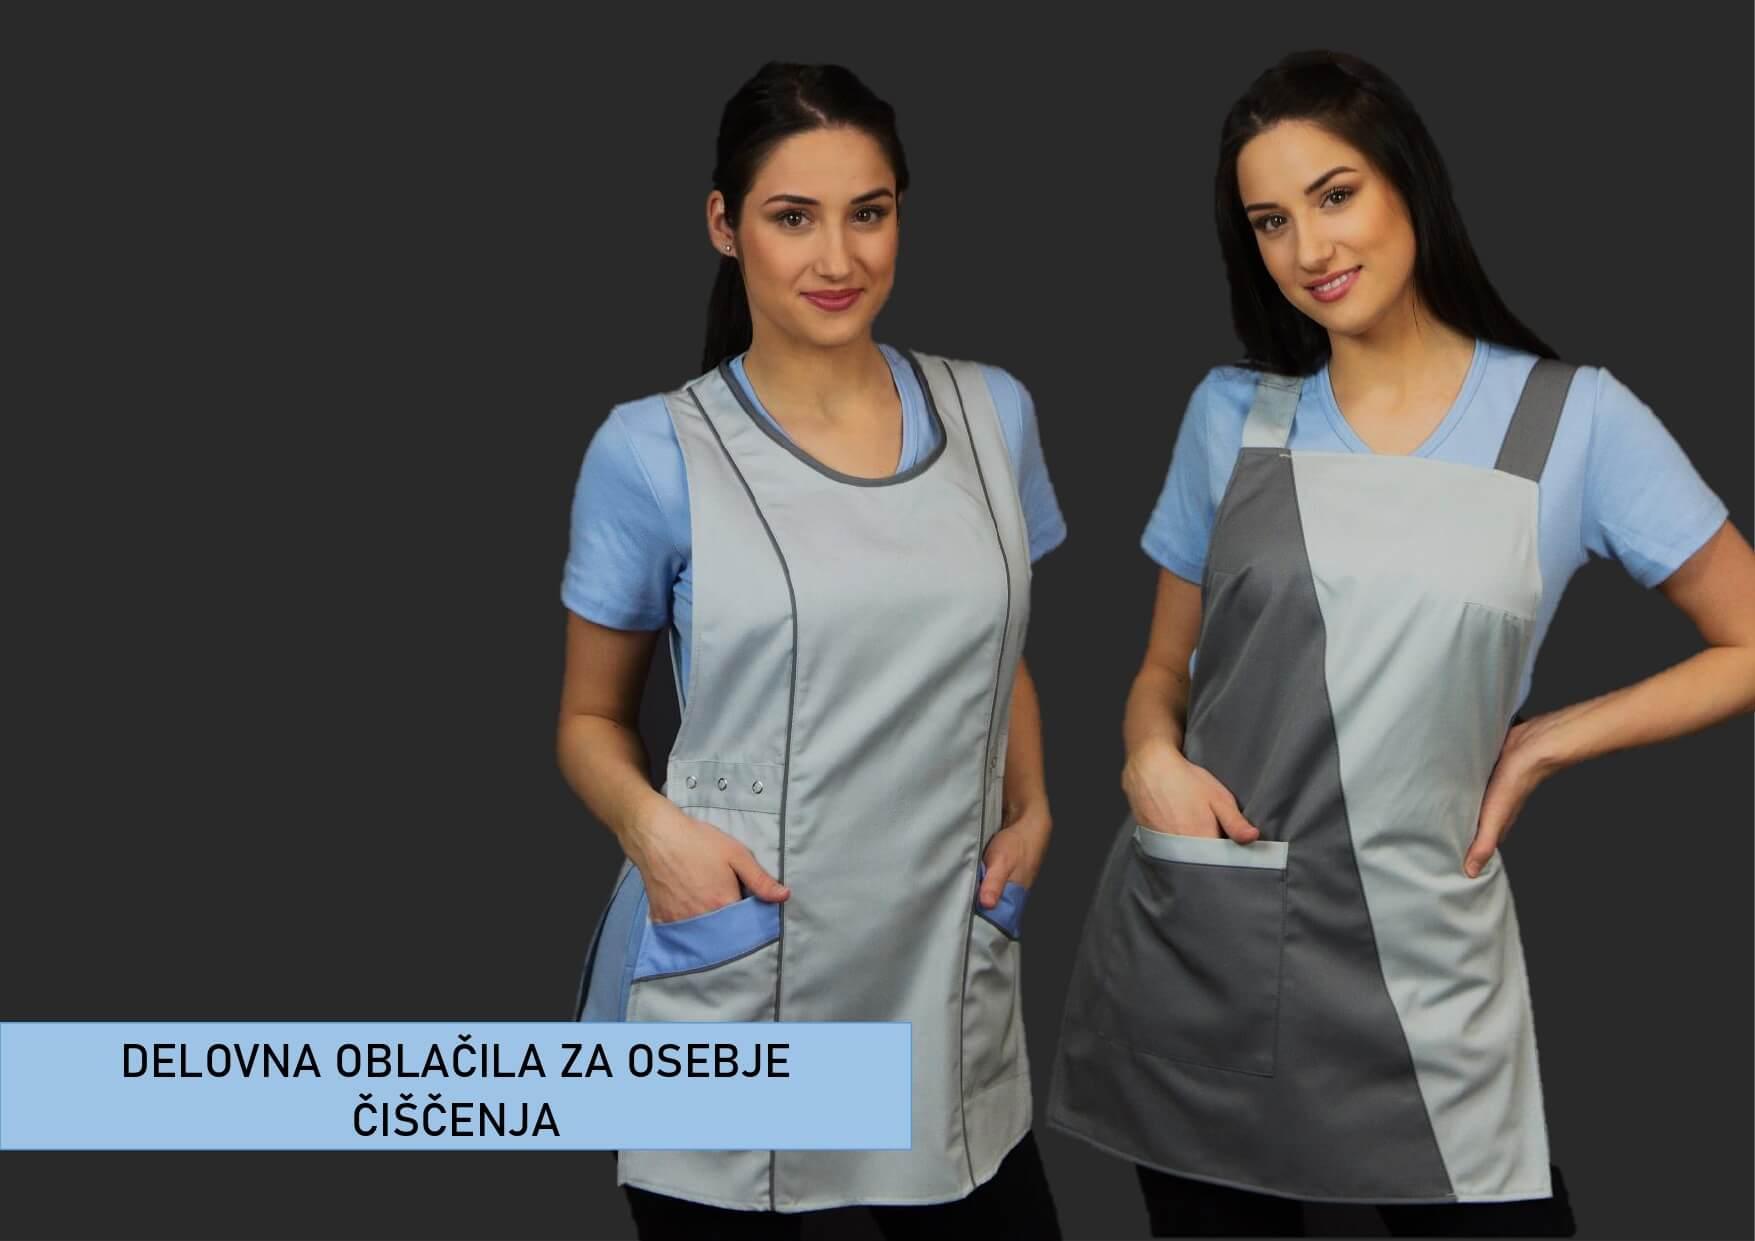 Delovna oblačila za osebje čiščenja